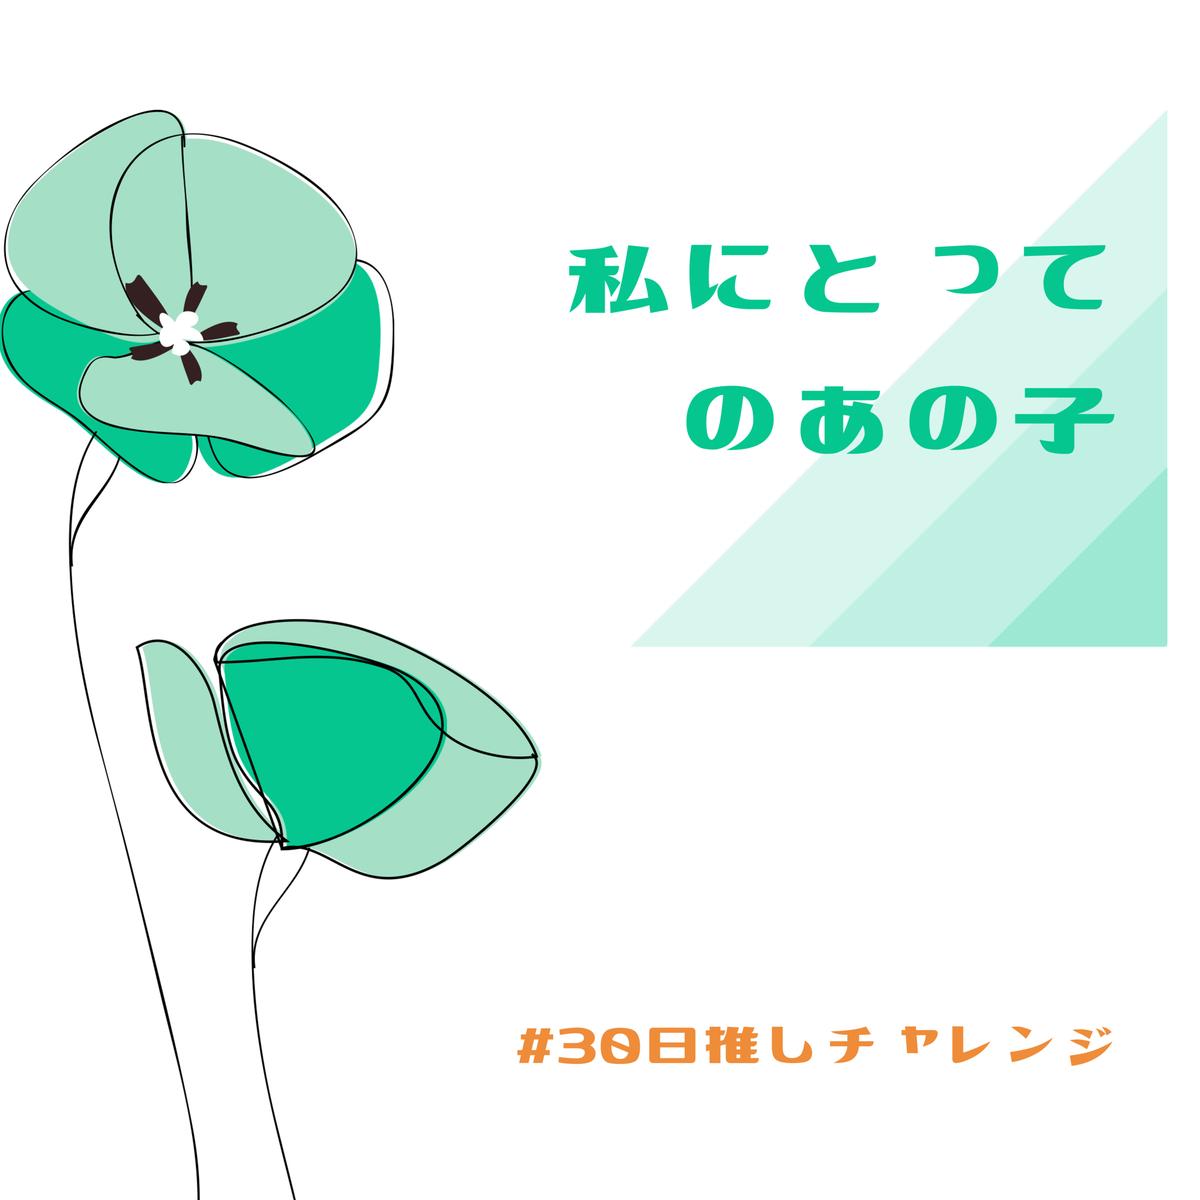 f:id:tsukino25:20190904171923p:plain